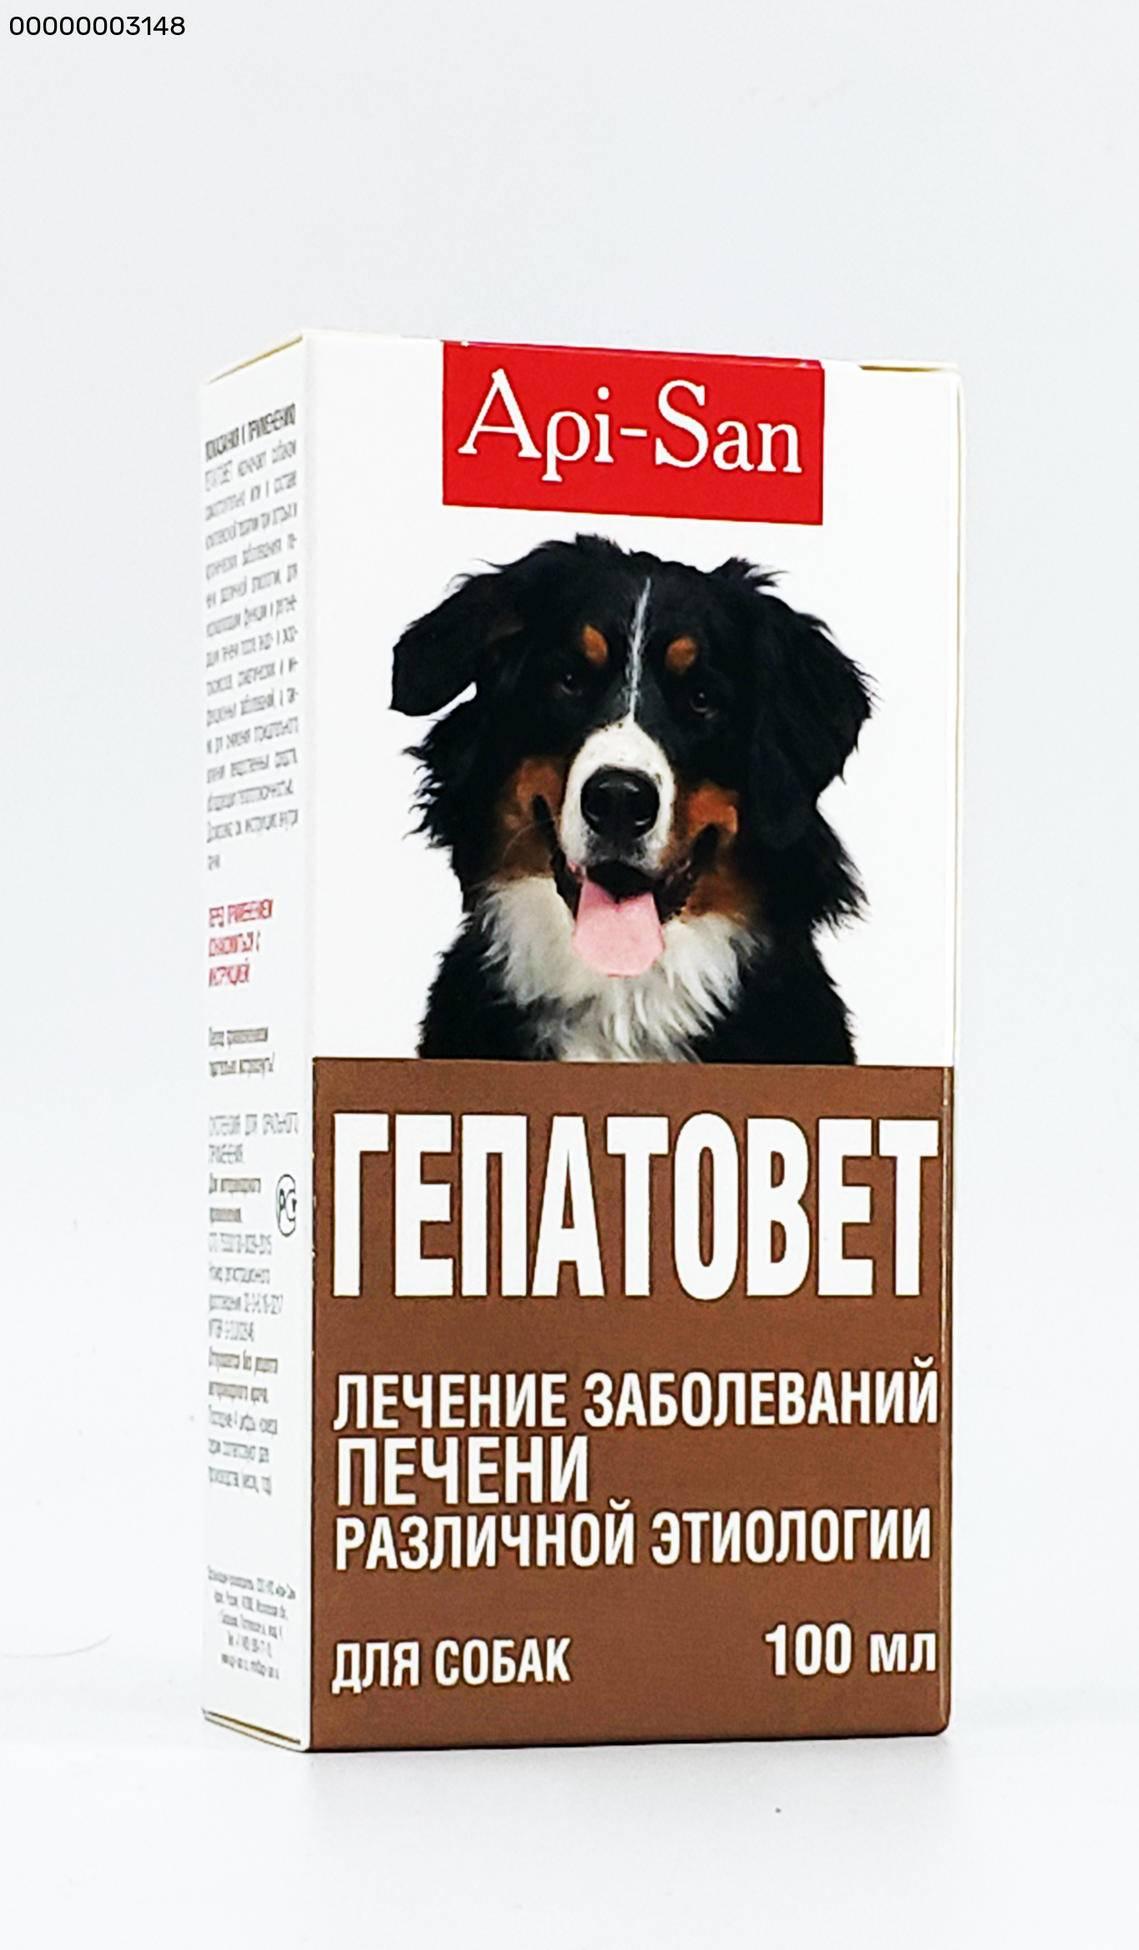 Гепатоджект для собак и кошек: инструкция по применению